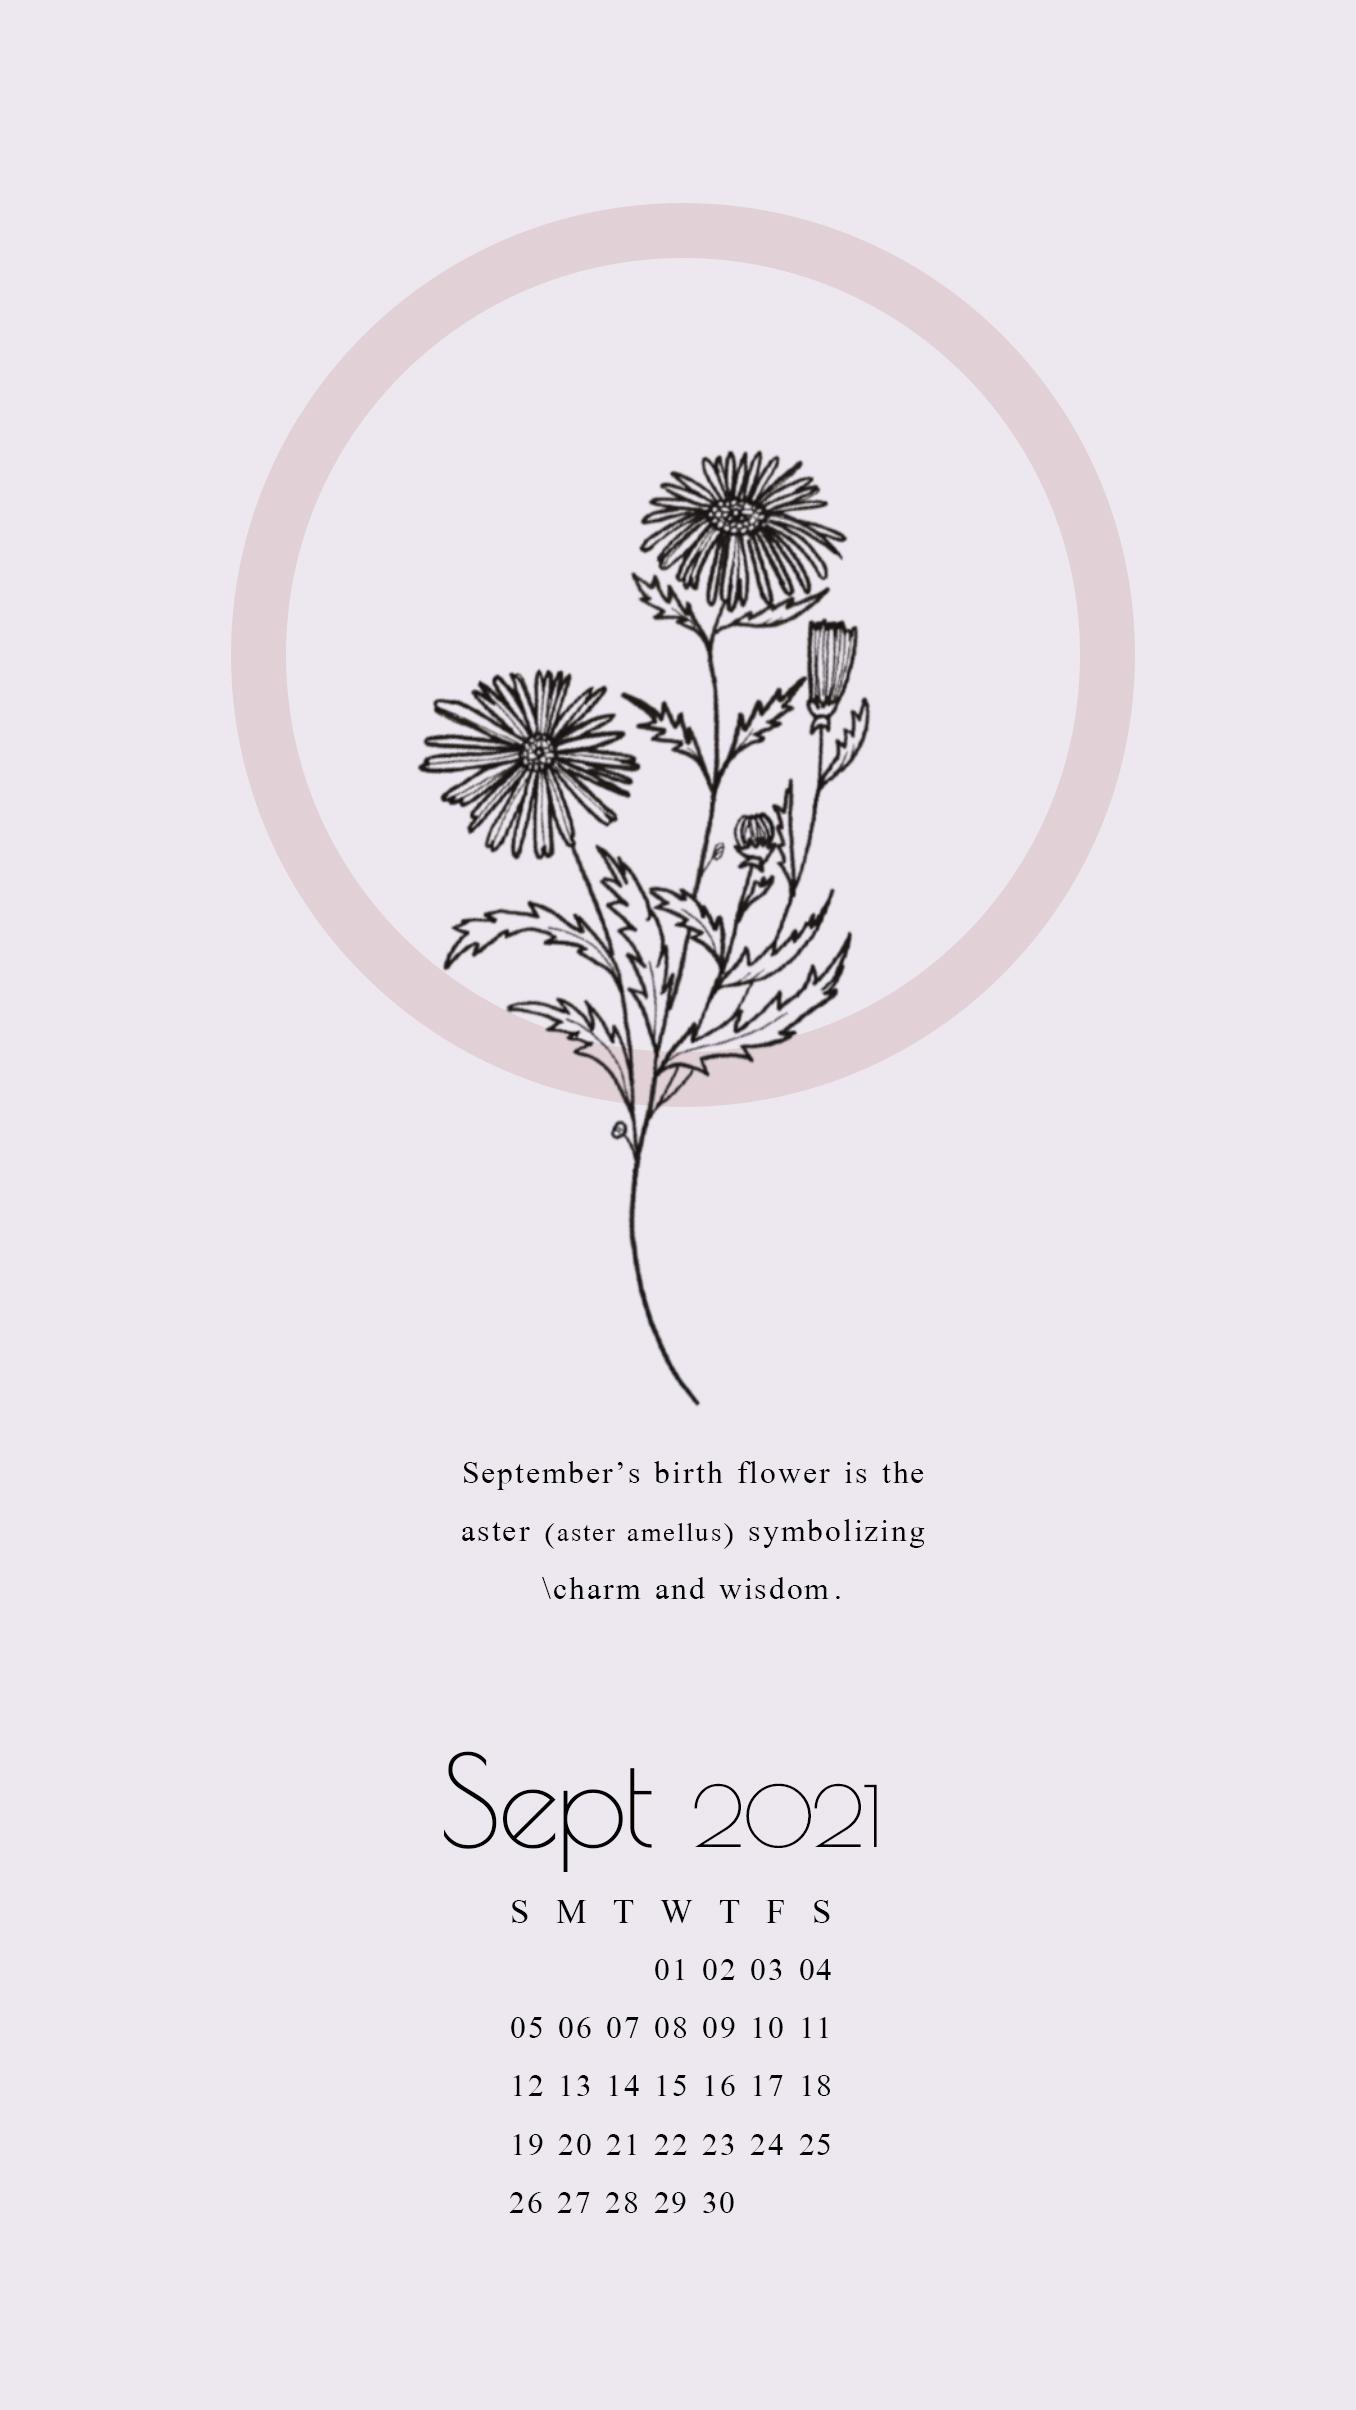 september 2021 calendar wallpaper for iphone